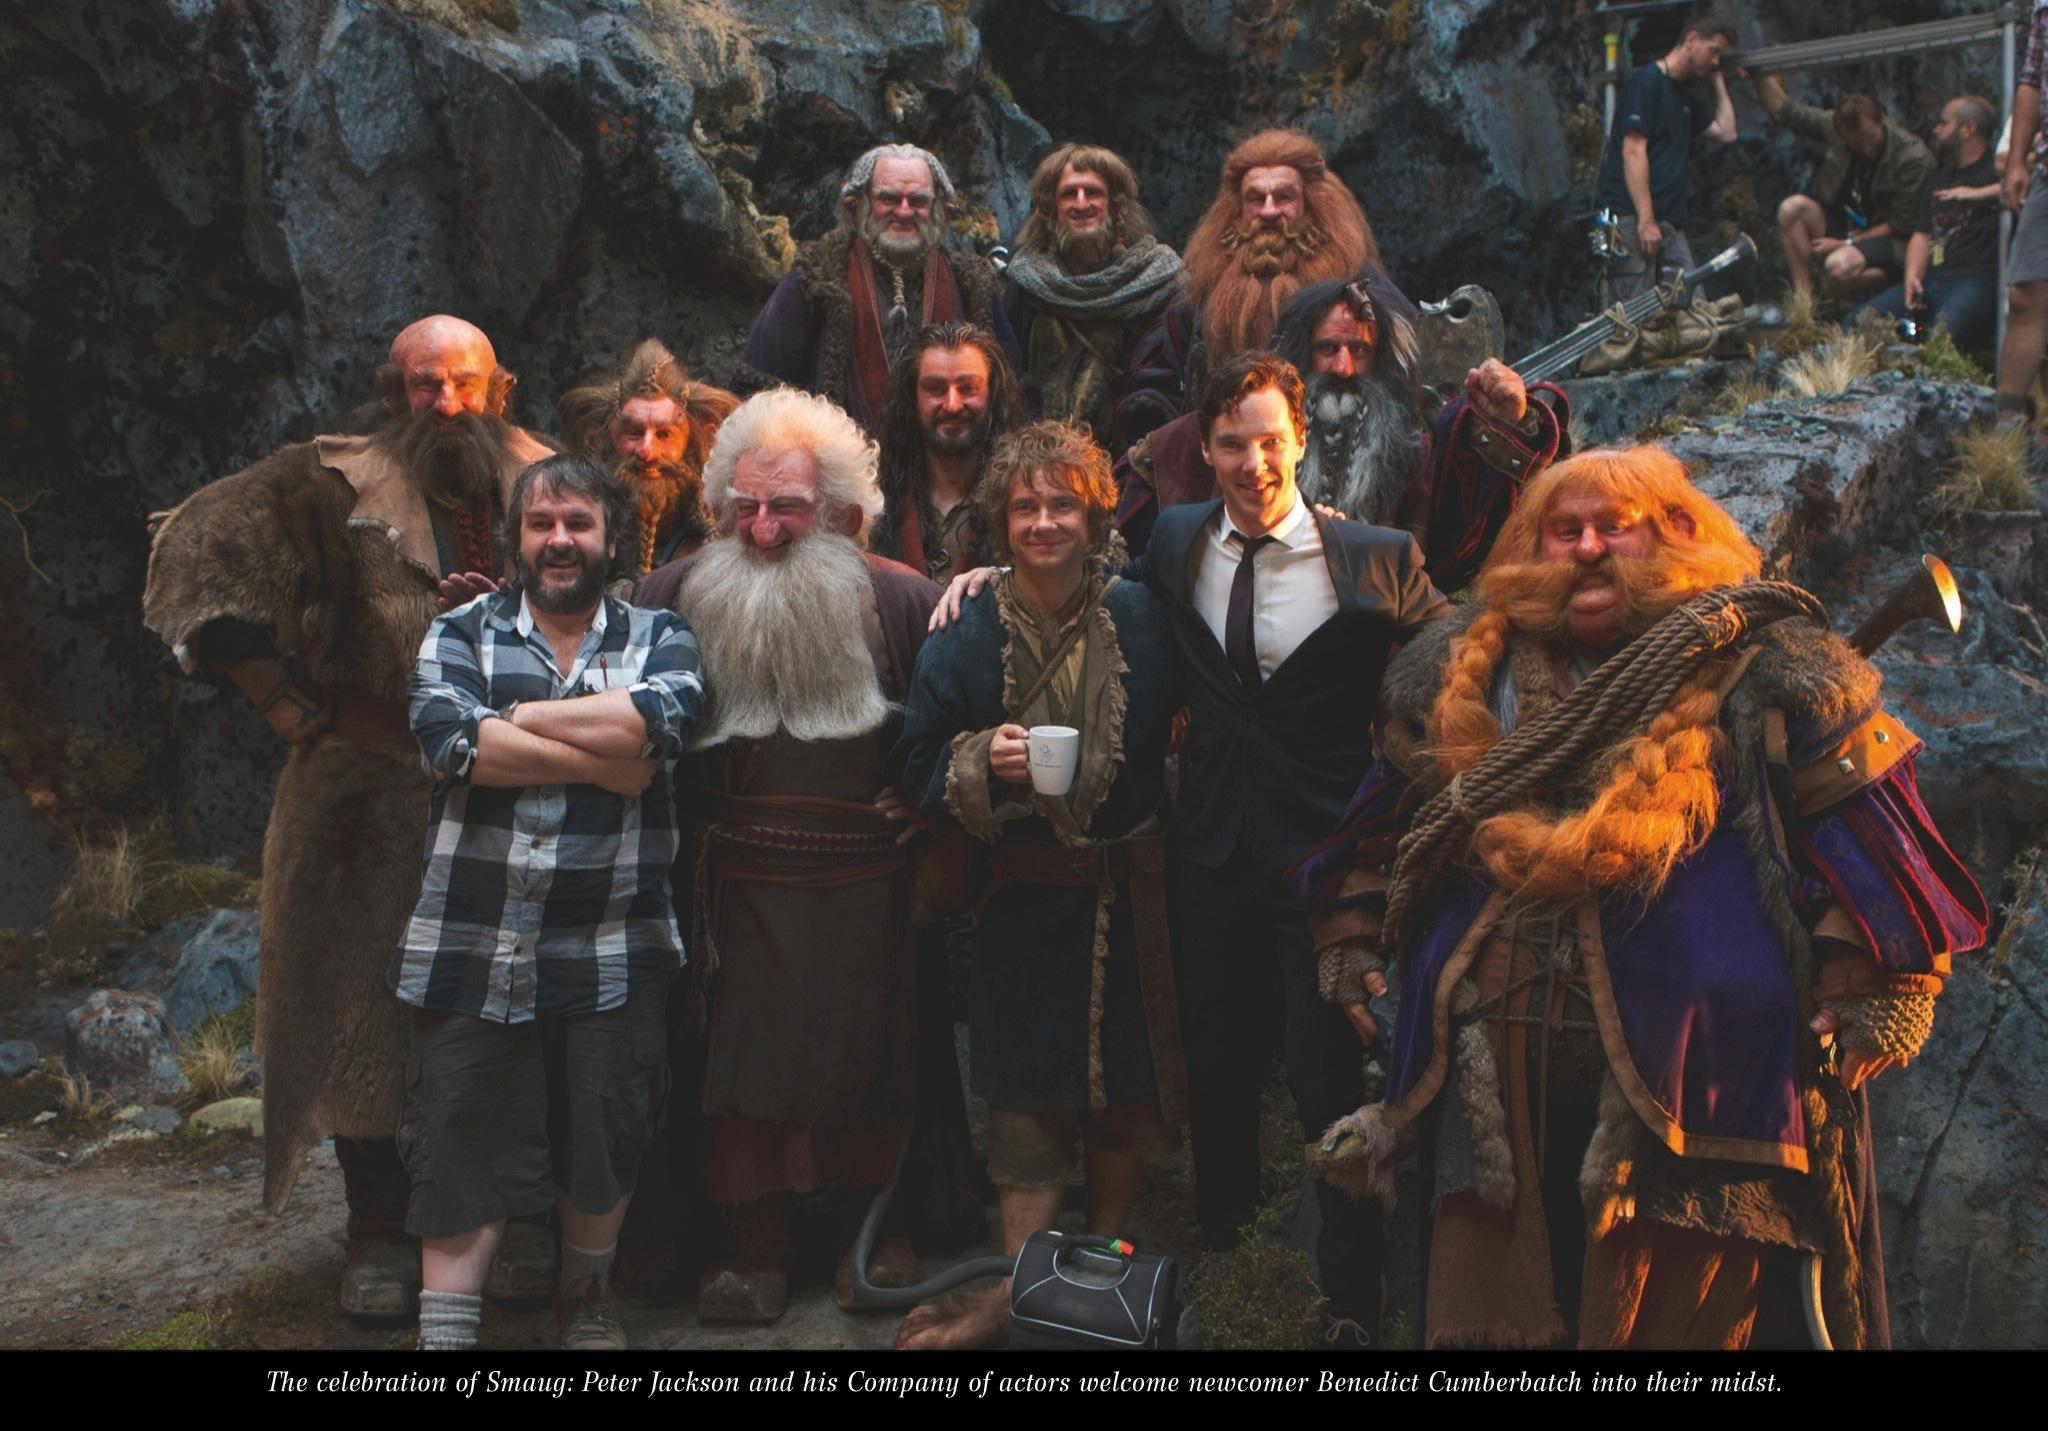 Le Seigneur des Anneaux / The Hobbit #3 10721870906_0591449ece_o